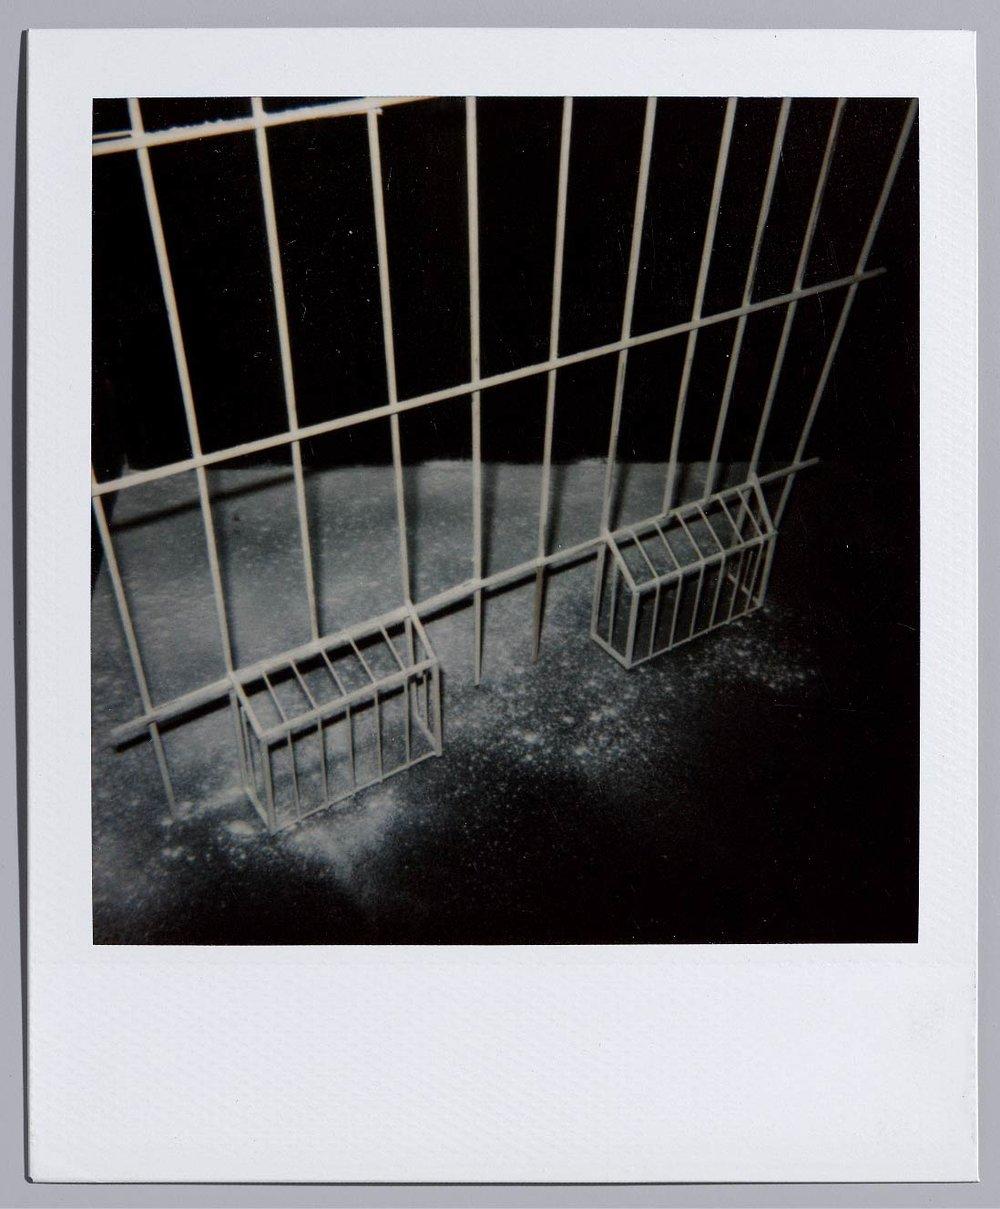 #1 Luc Tuymans,Within - 2015 -27 x 21 CM De donkerste spoken uit de Europese geschiedenis zet hij sober op doek, Luc Tuymans, de trefzekere chroniqueur der menselijke wreedheden. Speciaal voor Oogst diept deze grootmeester van de schilderkunst een polaroidfoto op uit zijn archief, één die een inkijk biedt in zijn werkproces én een autonoom kunstwerk is.